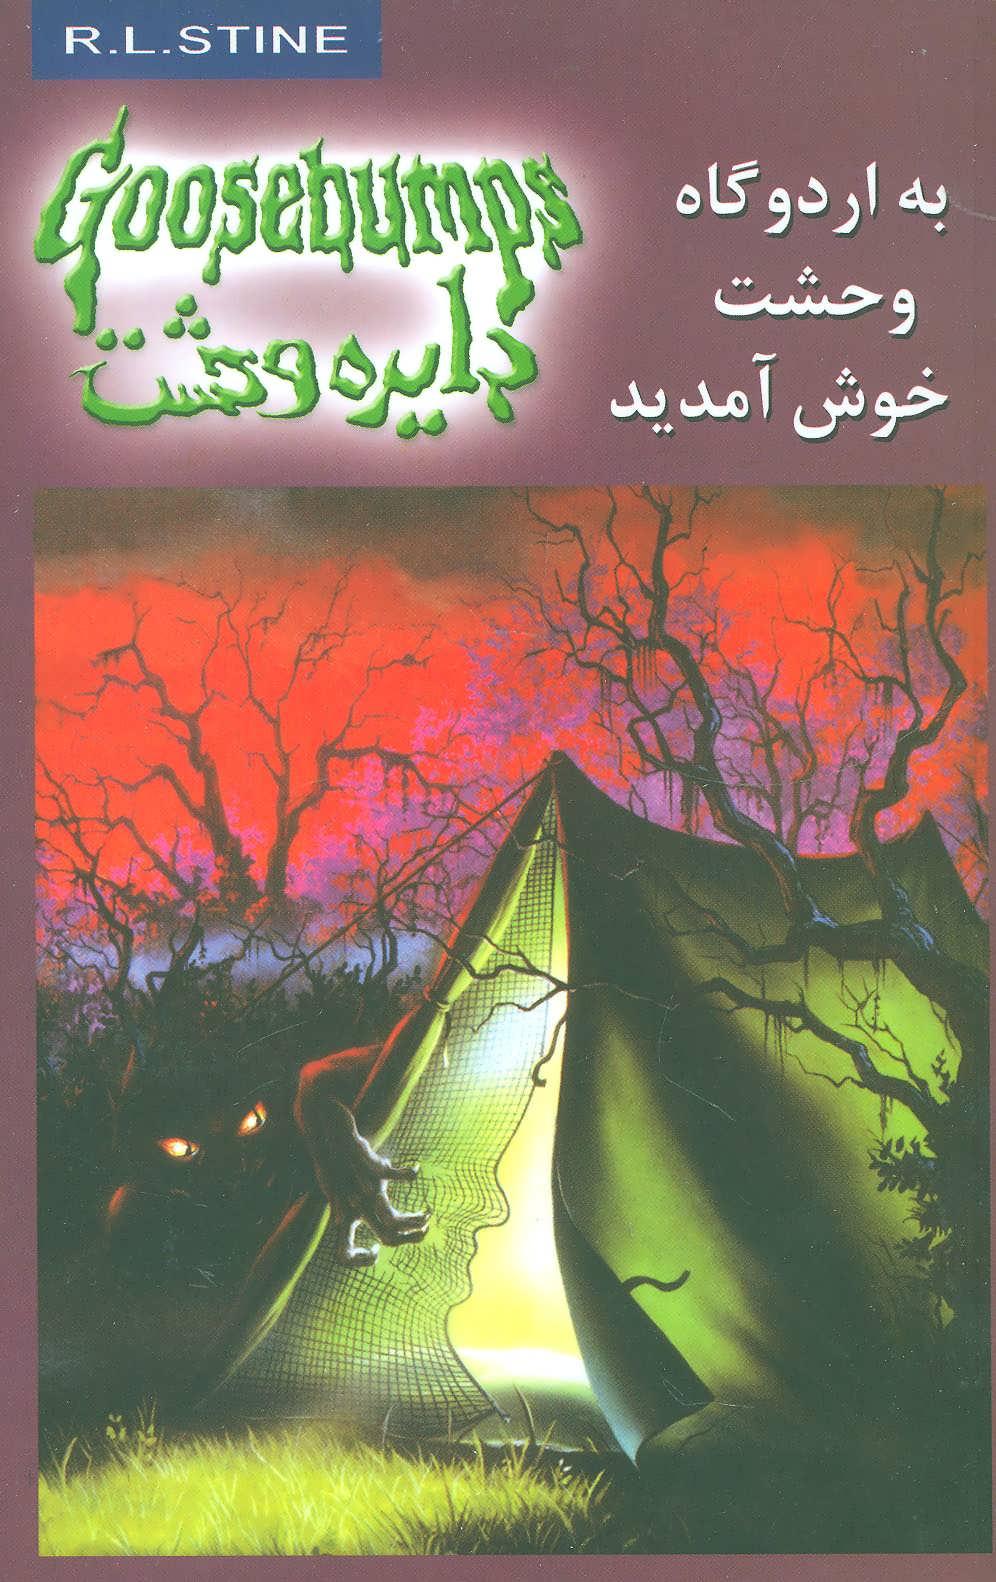 کتاب به اردوگاه وحشت خوش آمدید